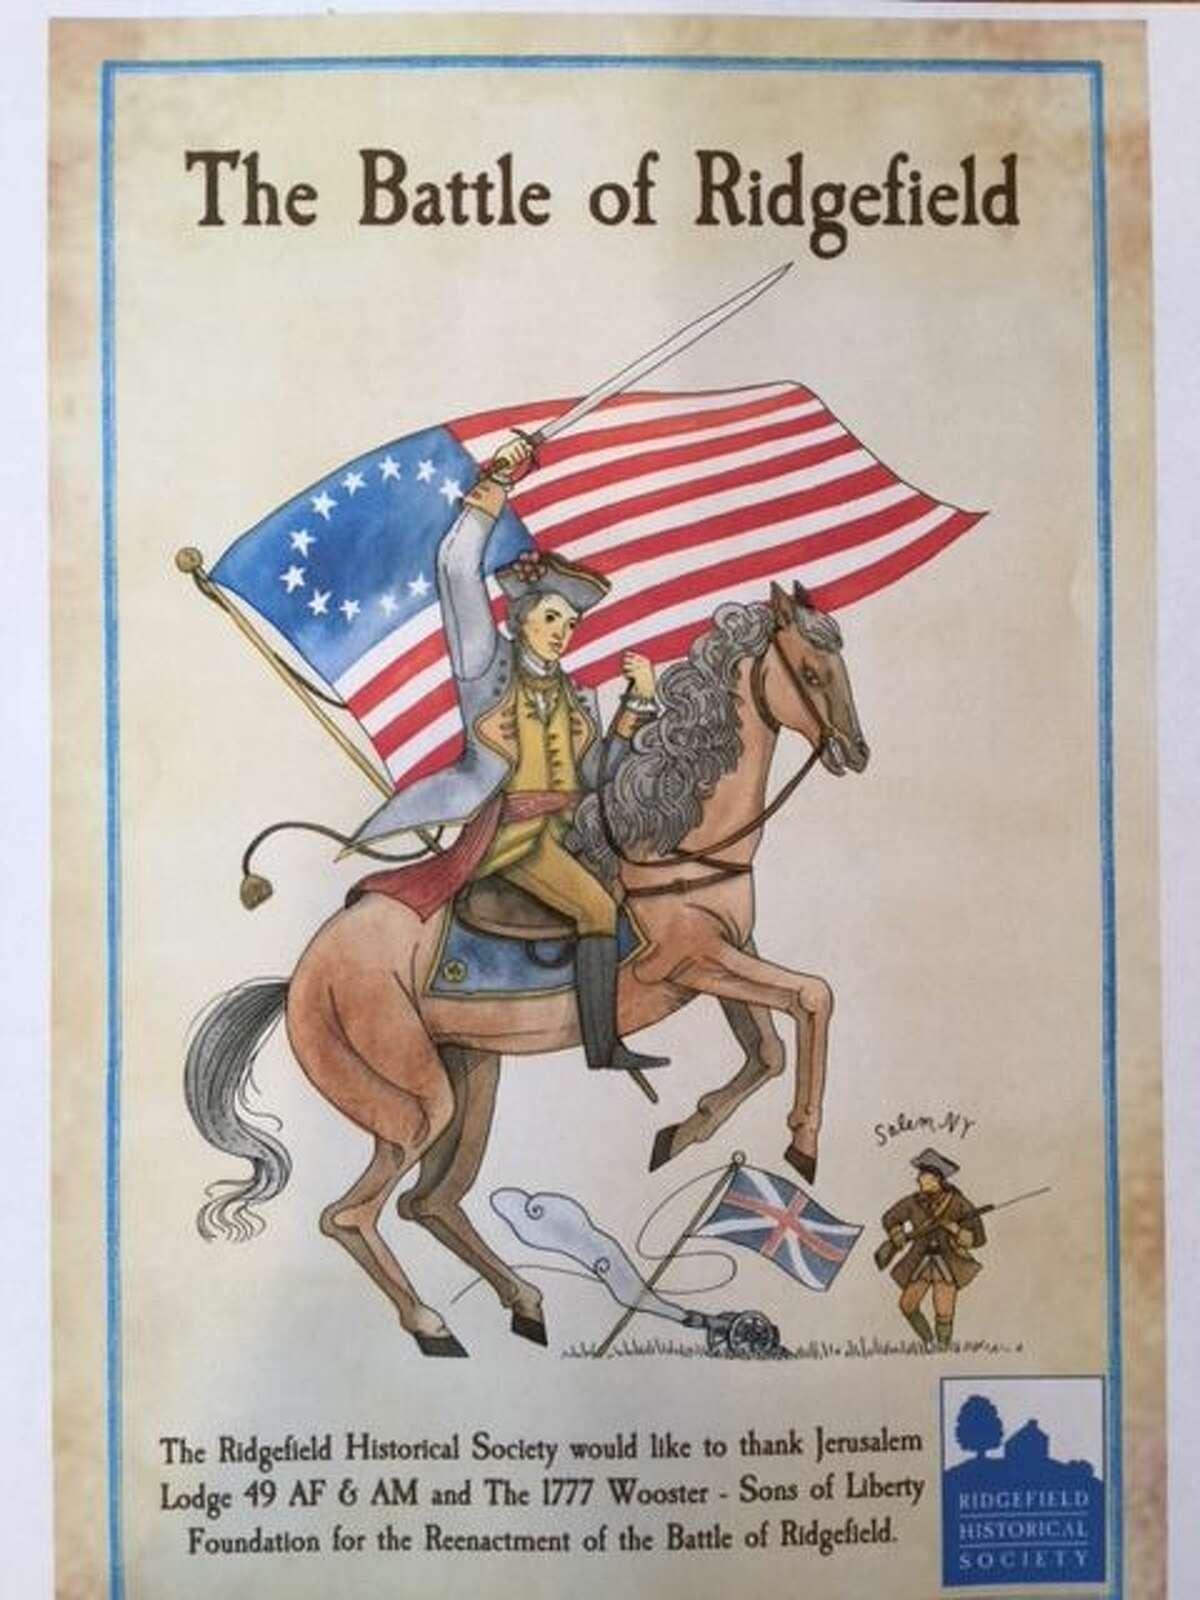 Battle of Ridgefield exhibit poster.